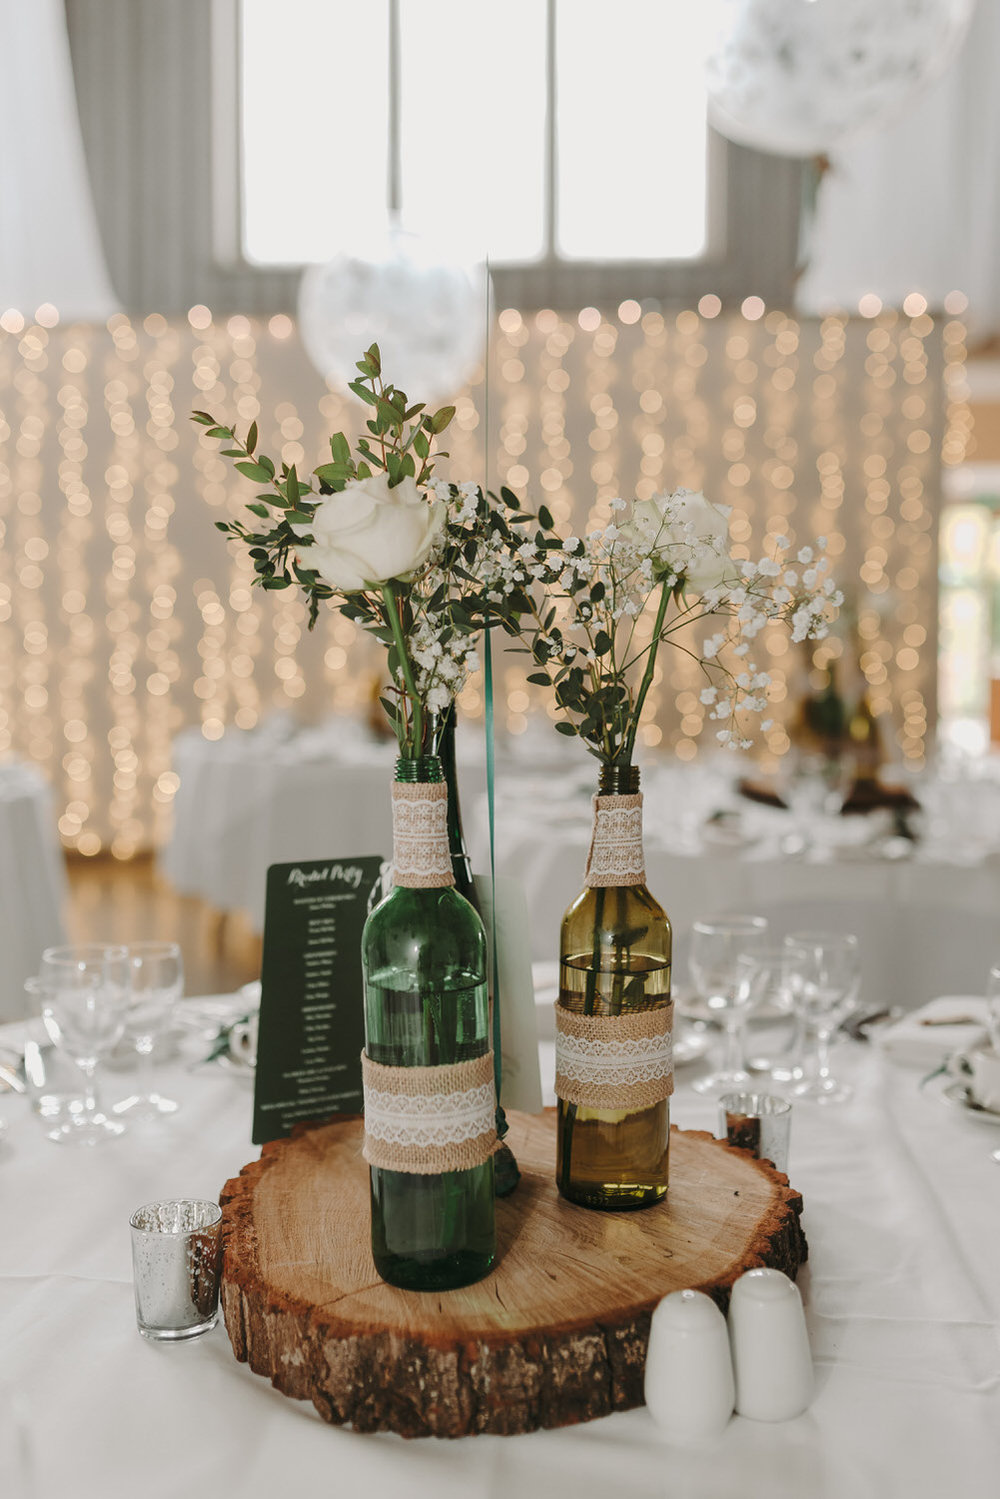 houchins-essex-wedding-photographer-14.jpg